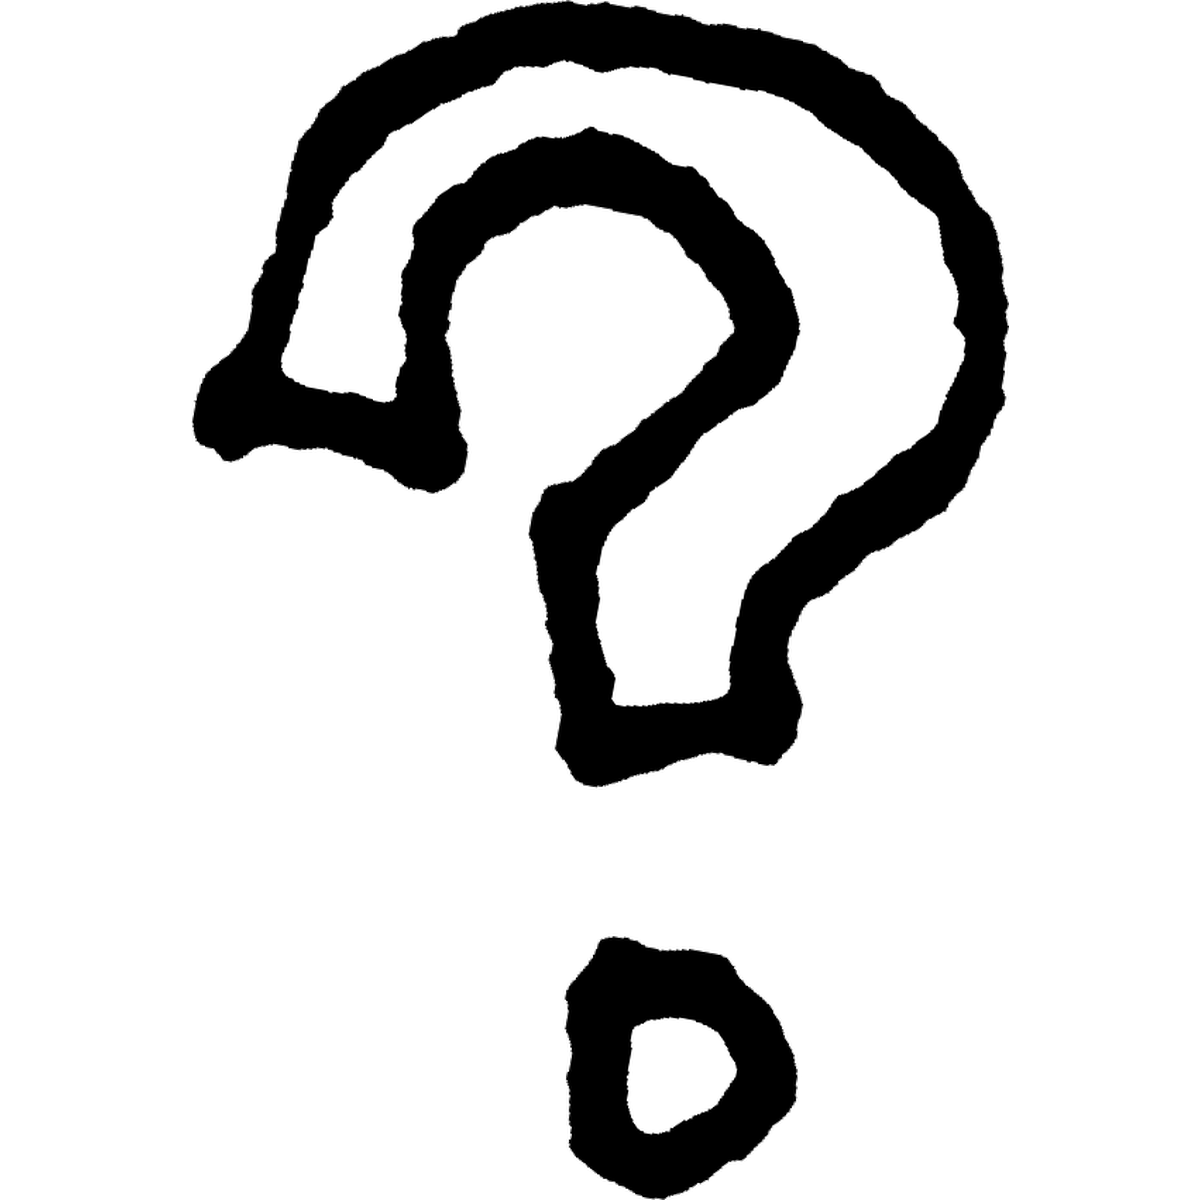 はてなマーク2のイラスト Question mark Illust